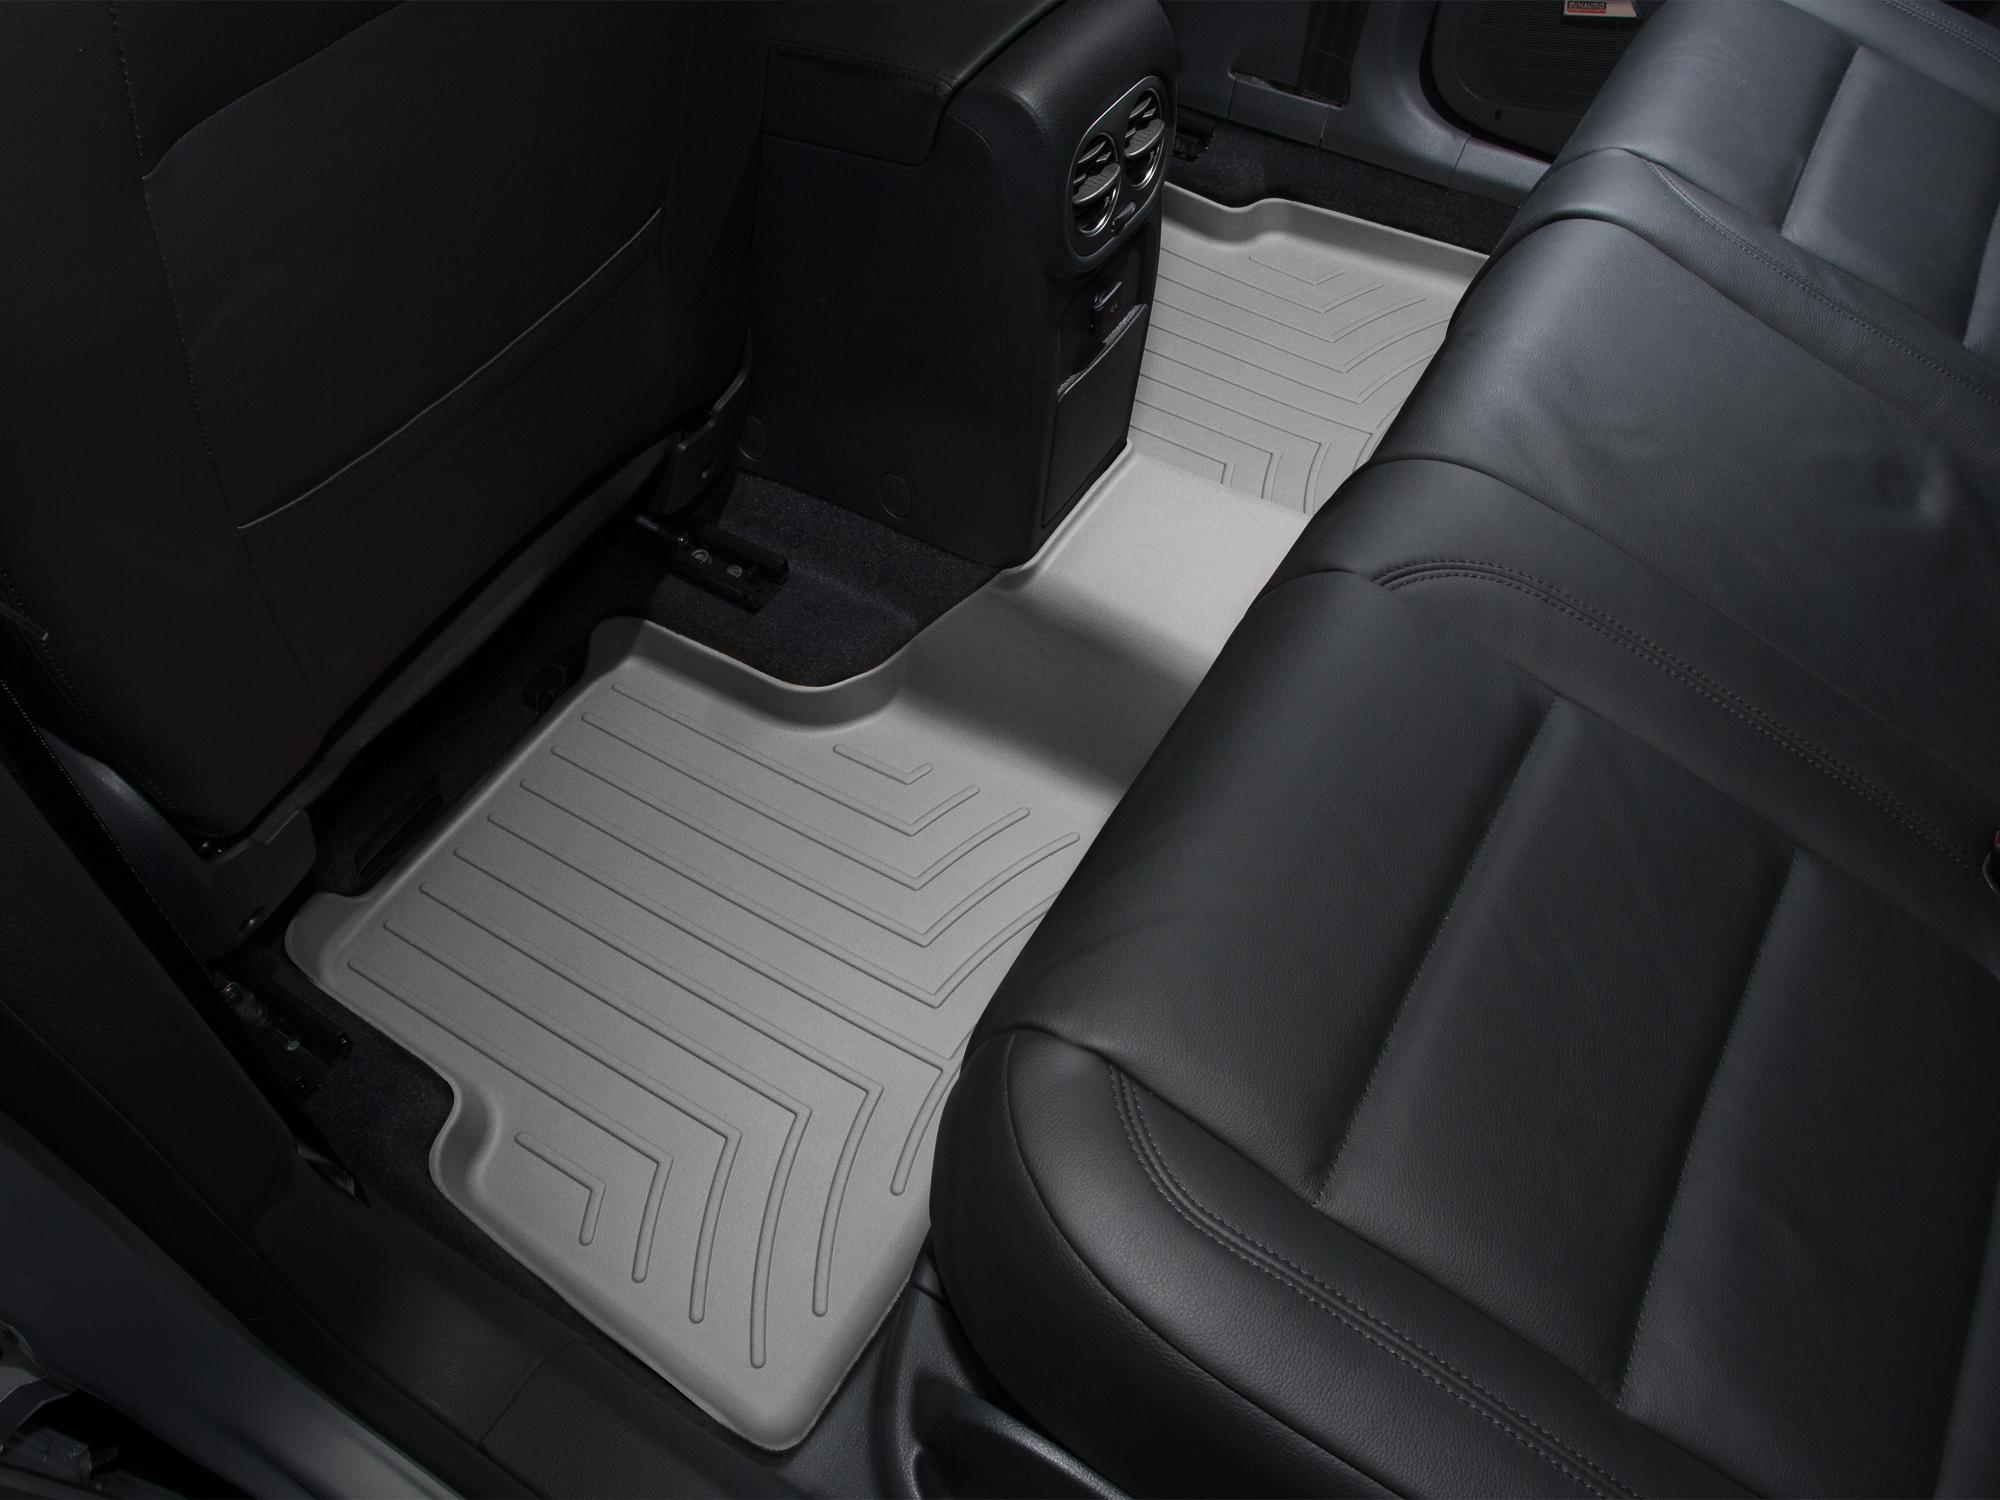 Tappeti gomma su misura bordo alto Volkswagen Tiguan 16>16 Grigio A4268*